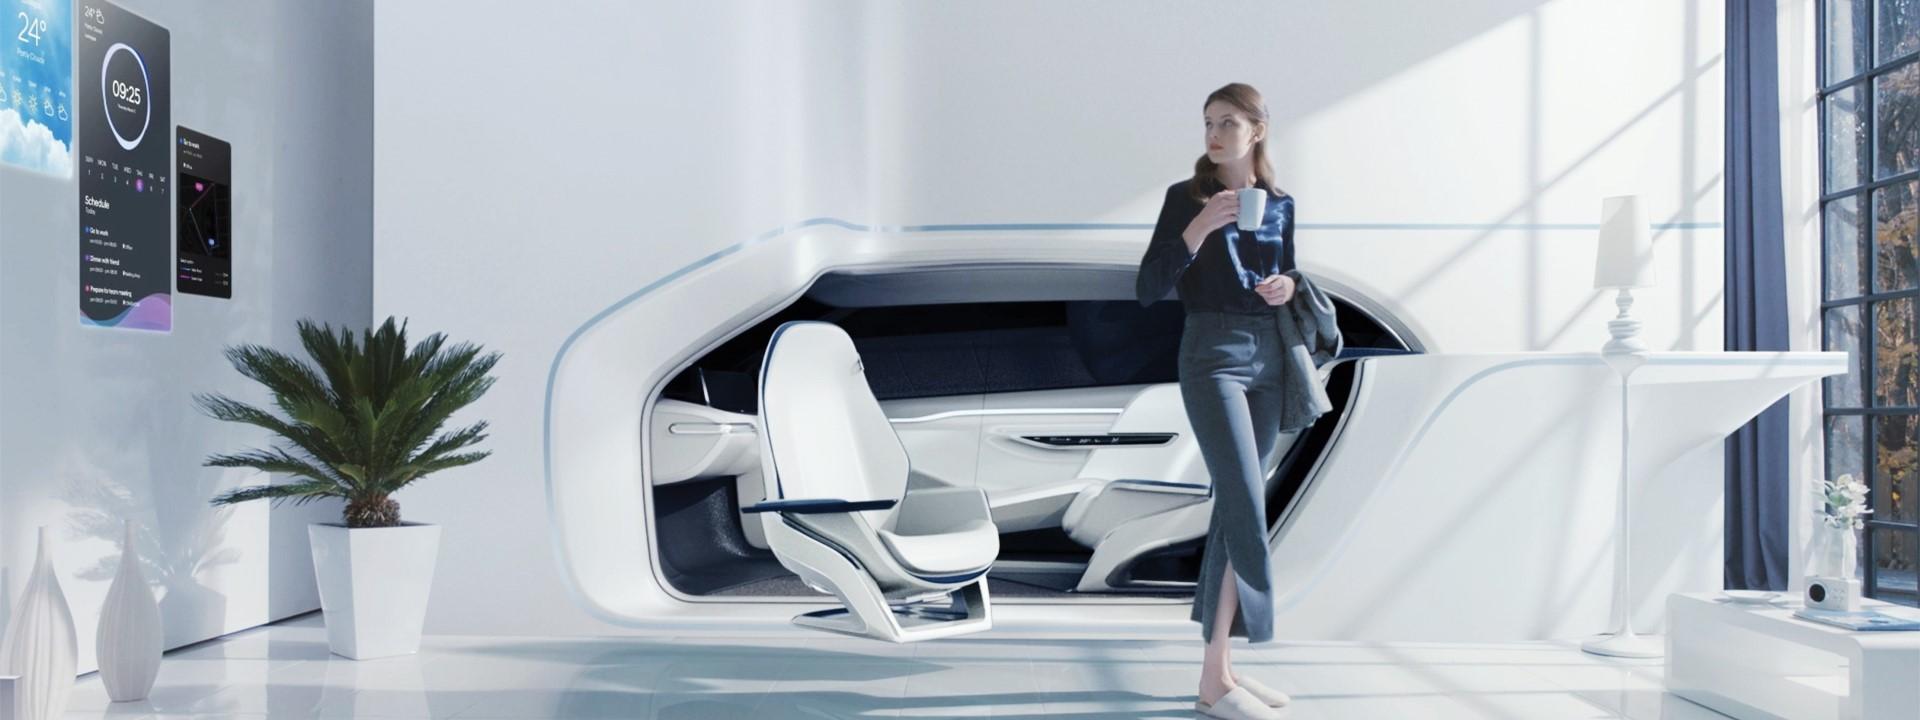 Hyundai nakręcił film, w którym dosłownie ukrył swój nowy pomysł na samochód